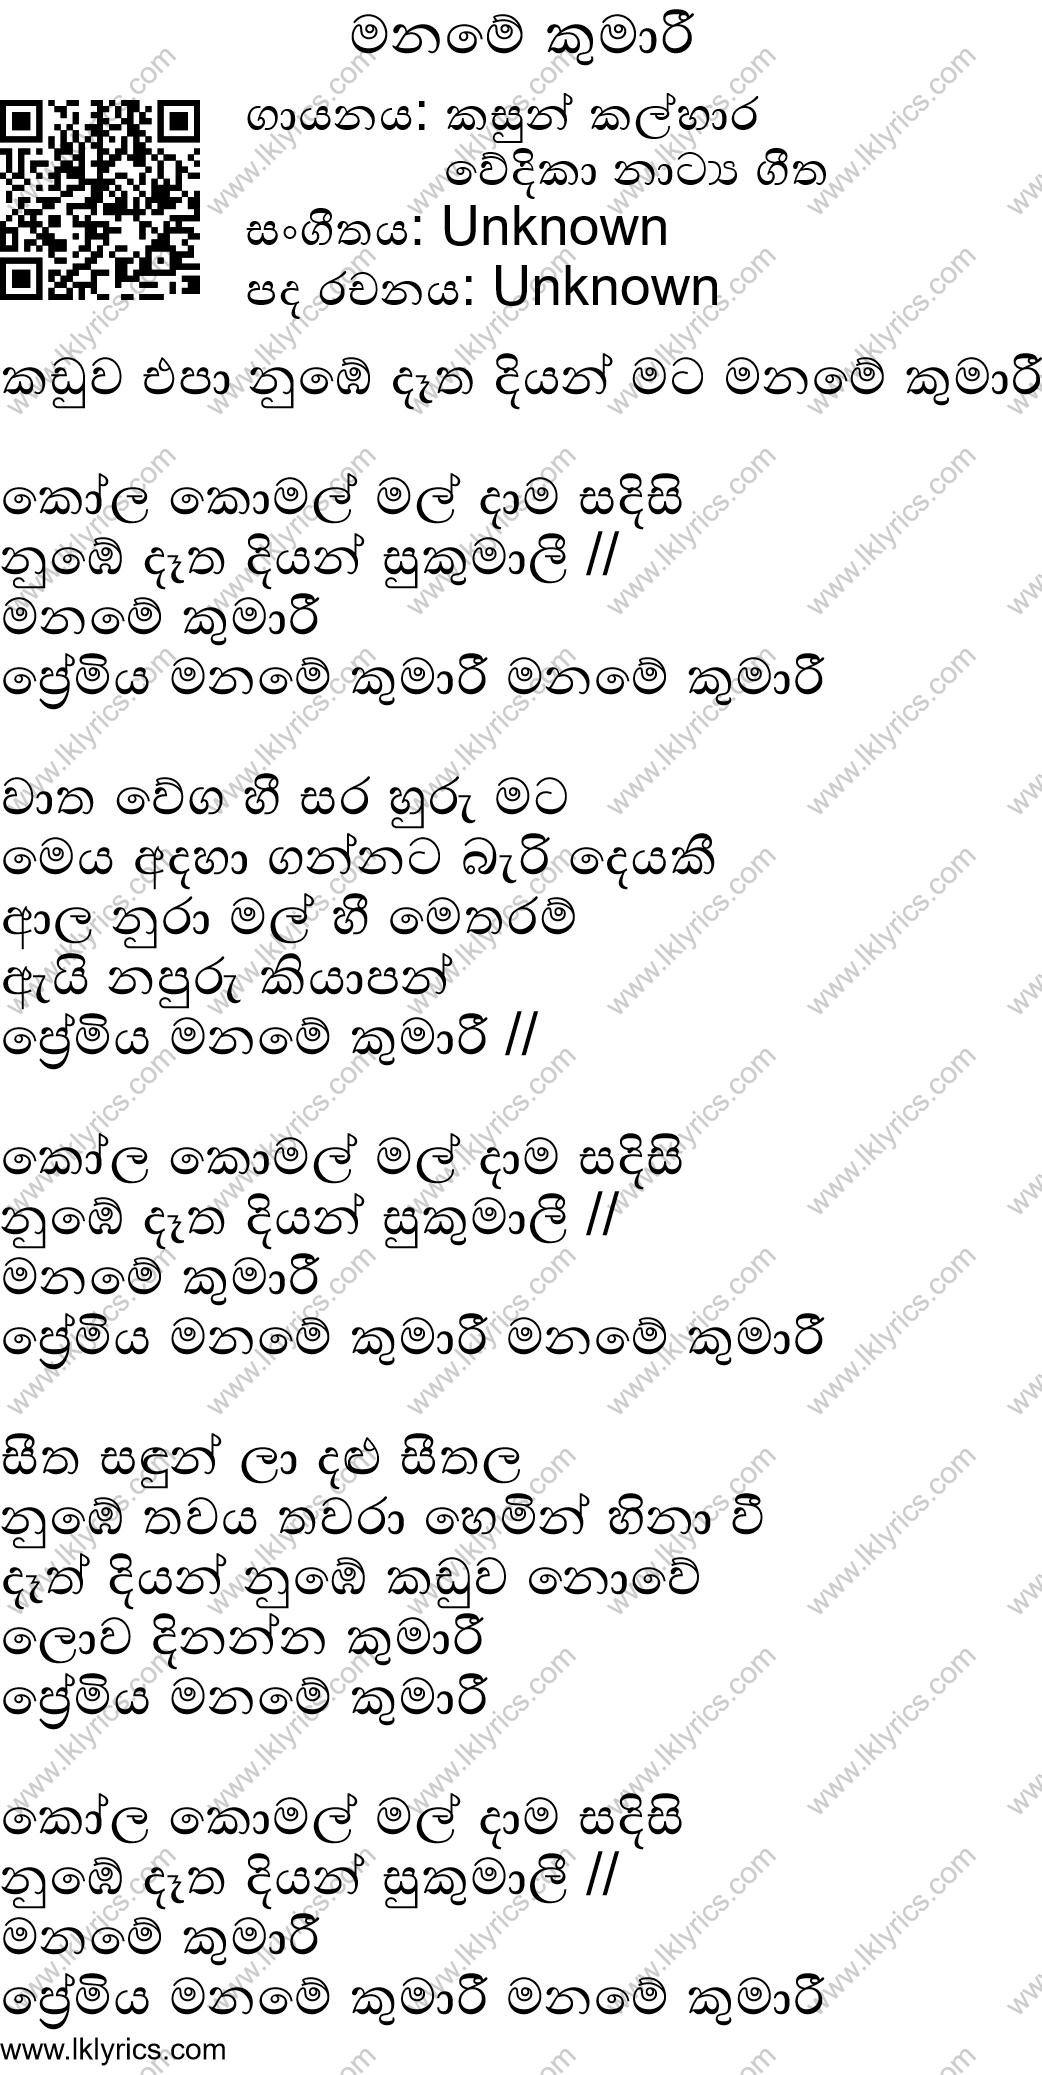 Nadda sithe anukampa (maname) lyrics lk lyrics.